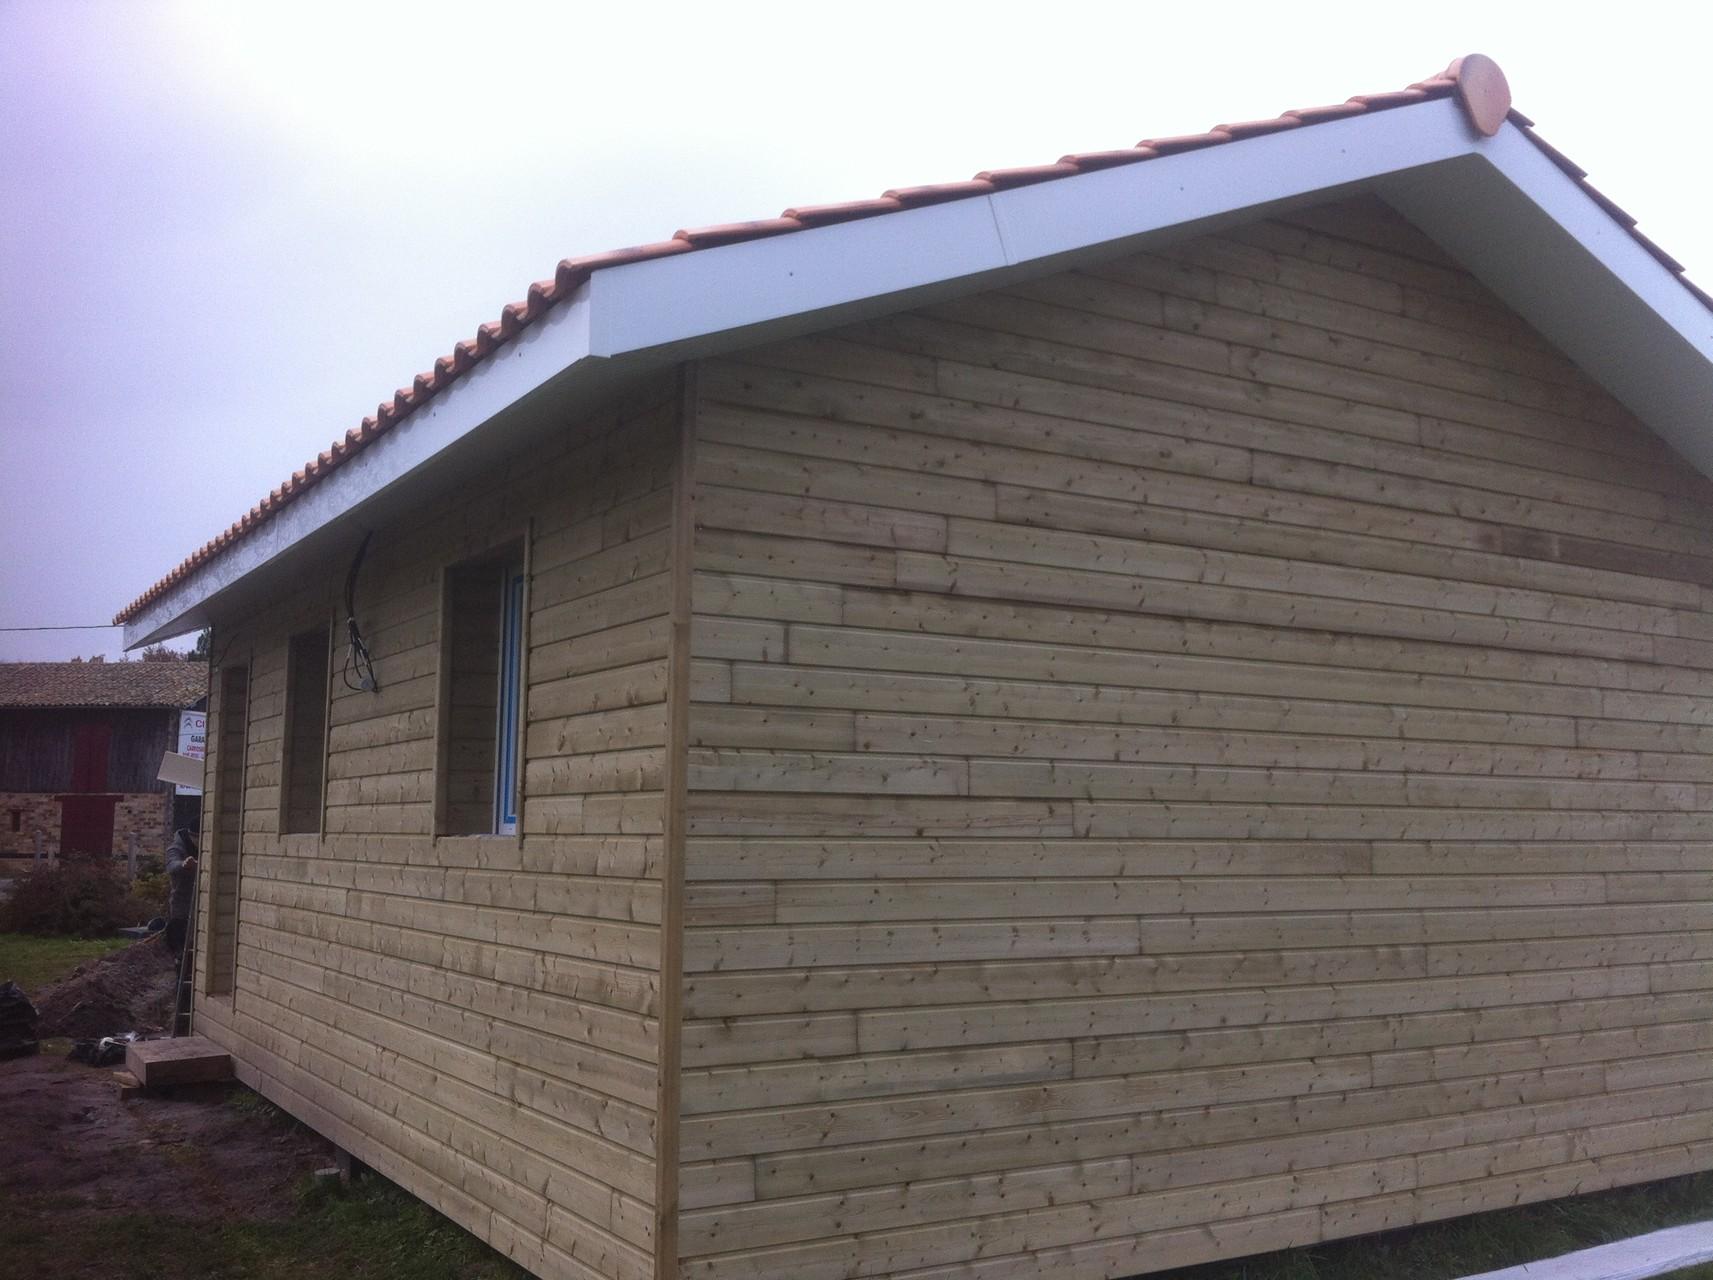 Sous-faces de toit et bardage en place